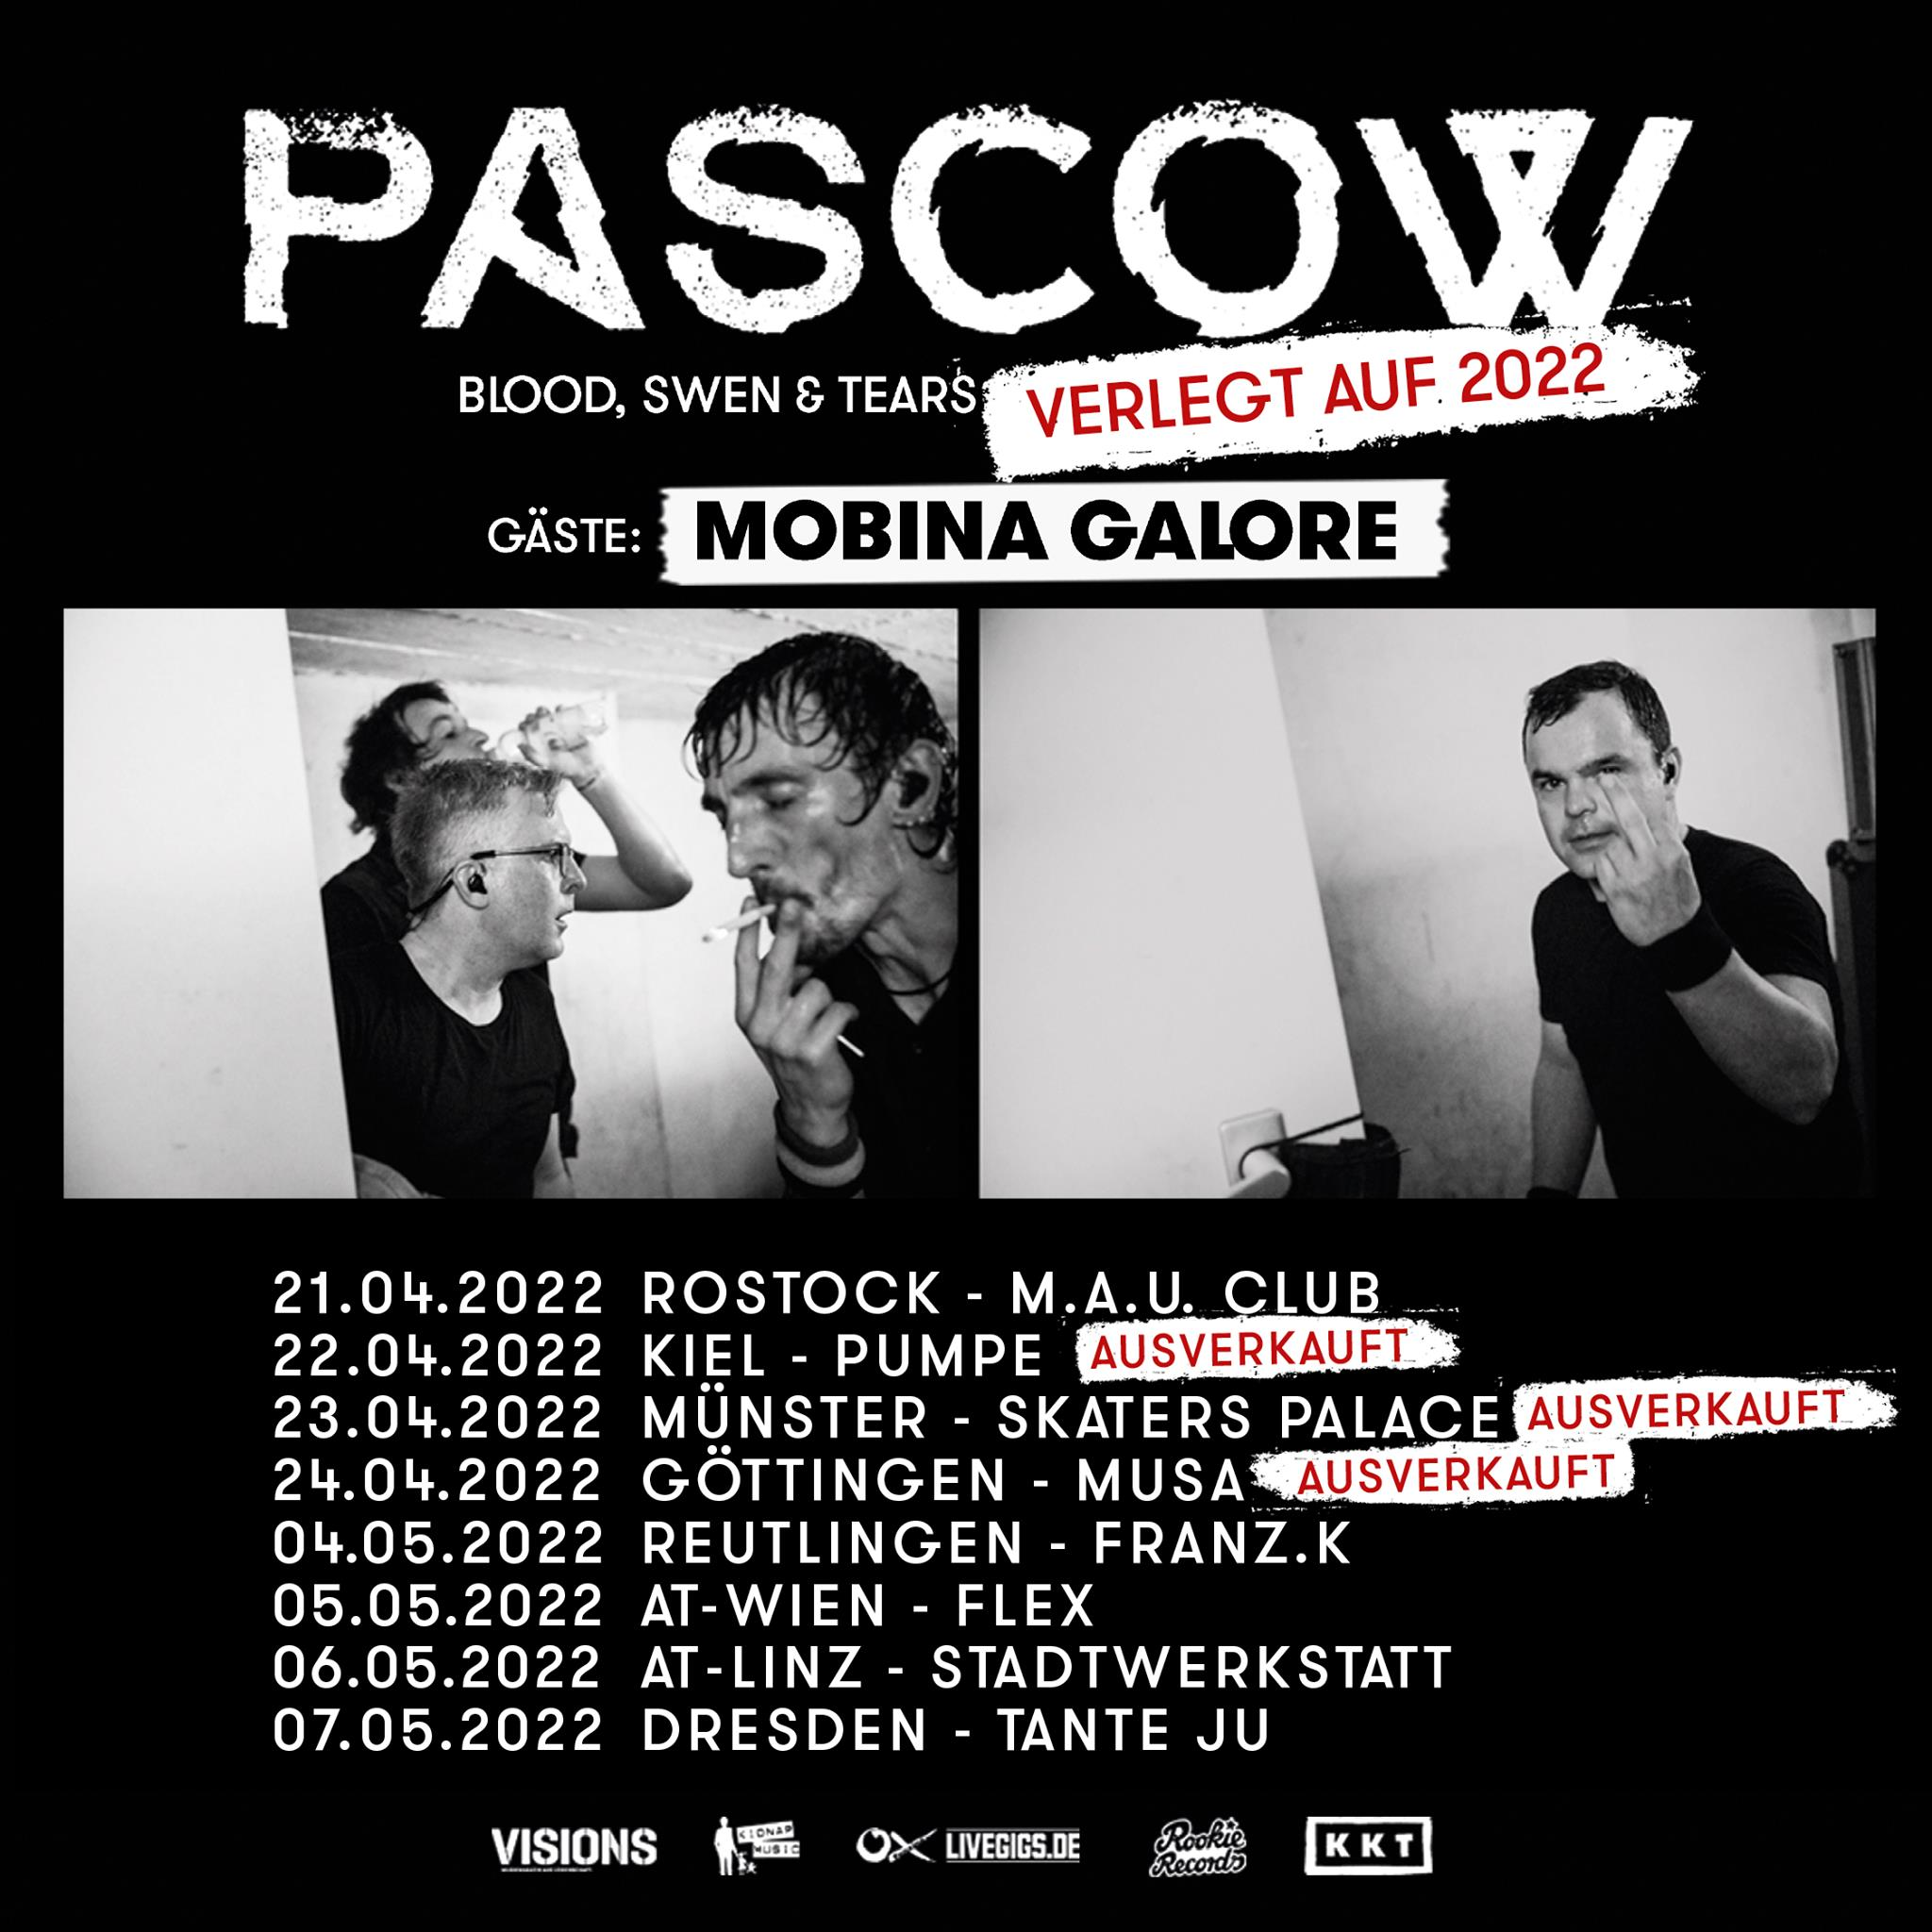 PASCOW - Blood, Swen & Tears - Tour 2022